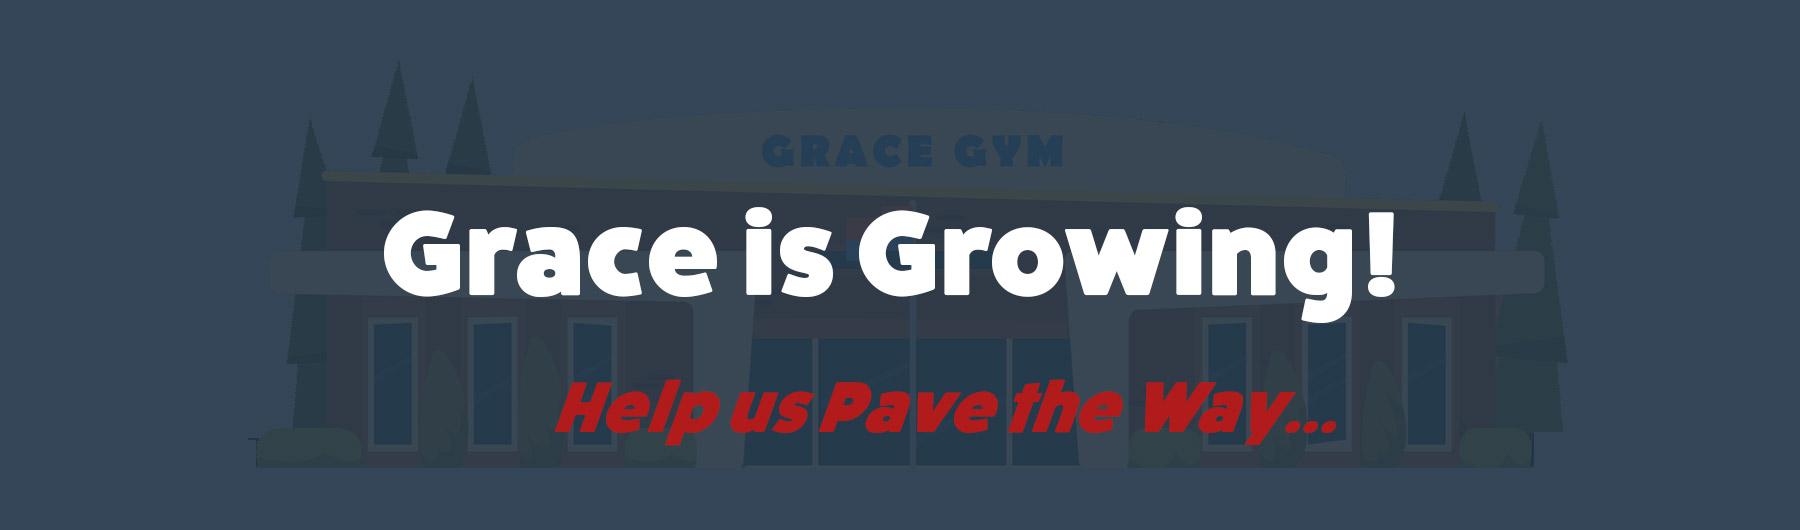 Grace is Growing